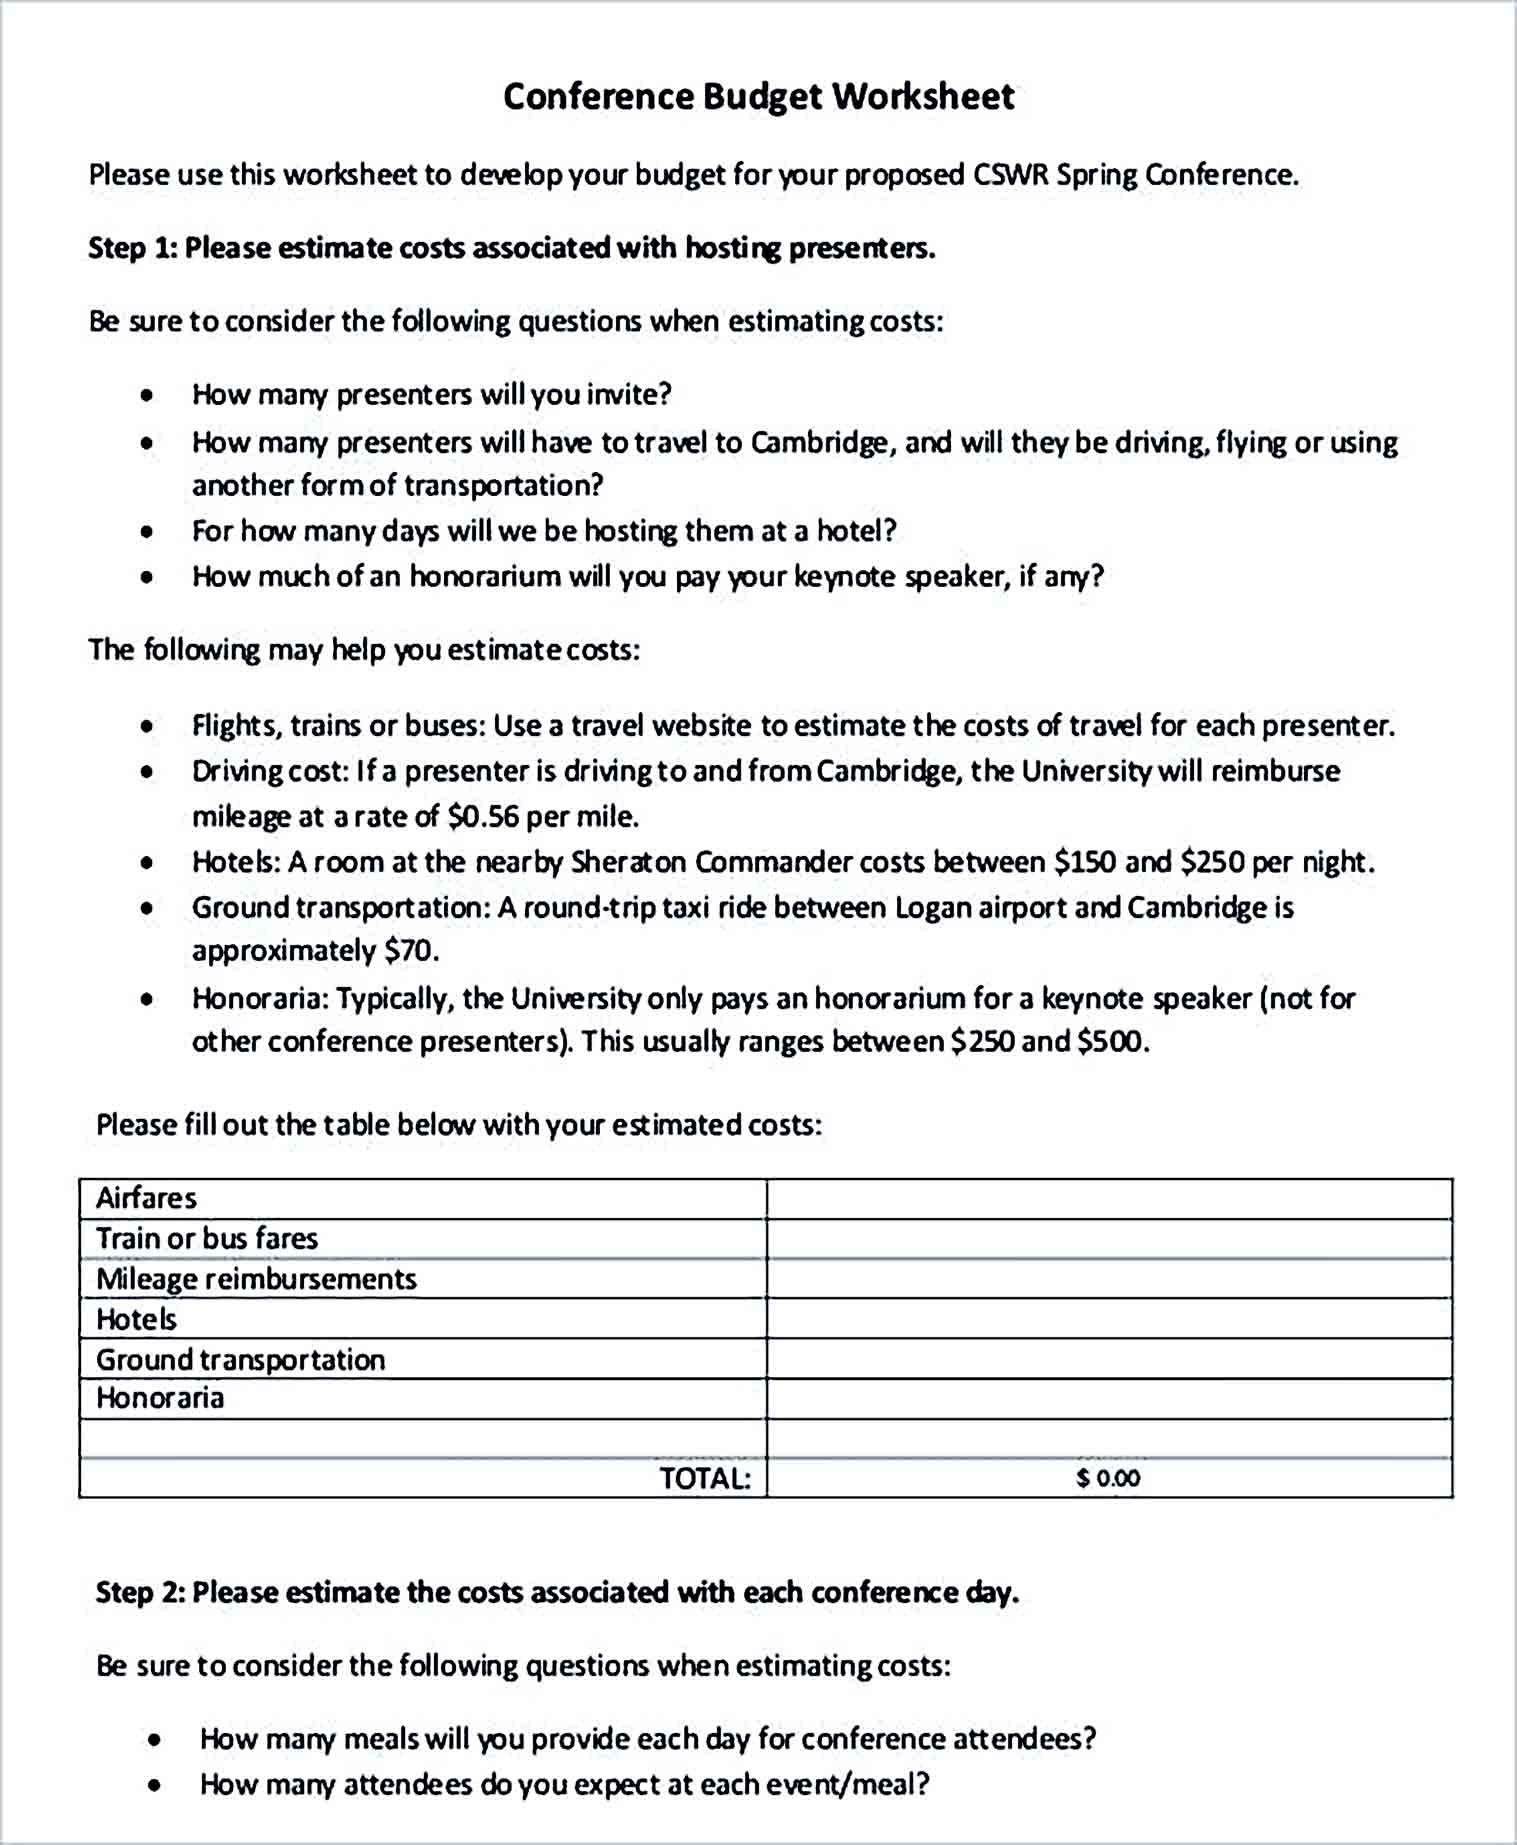 Sample Conference Budget Worksheet 1